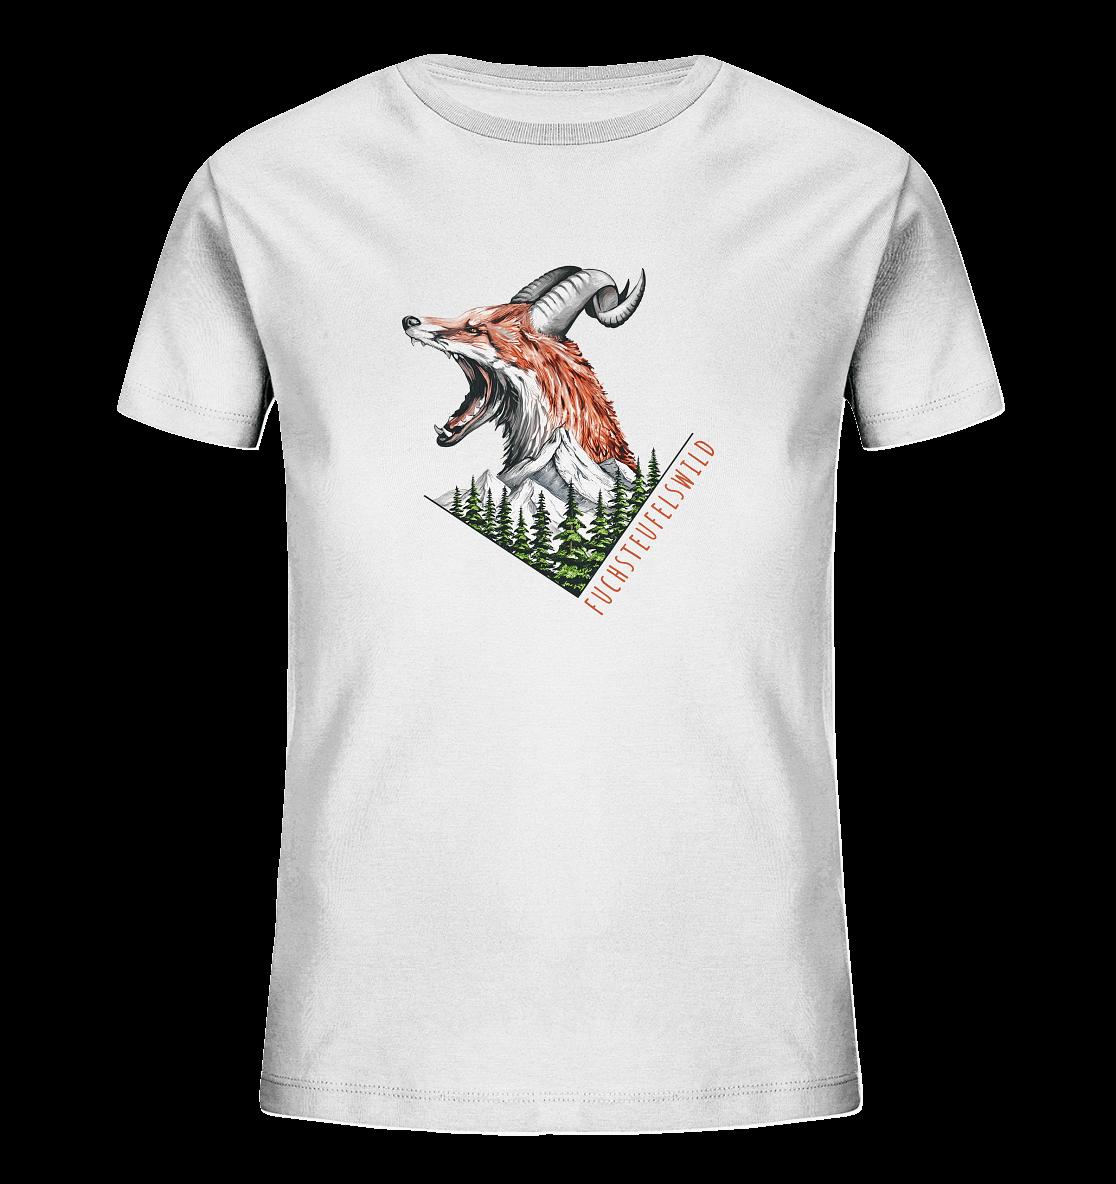 front-kids-organic-shirt-f8f8f8-1116x-2.png